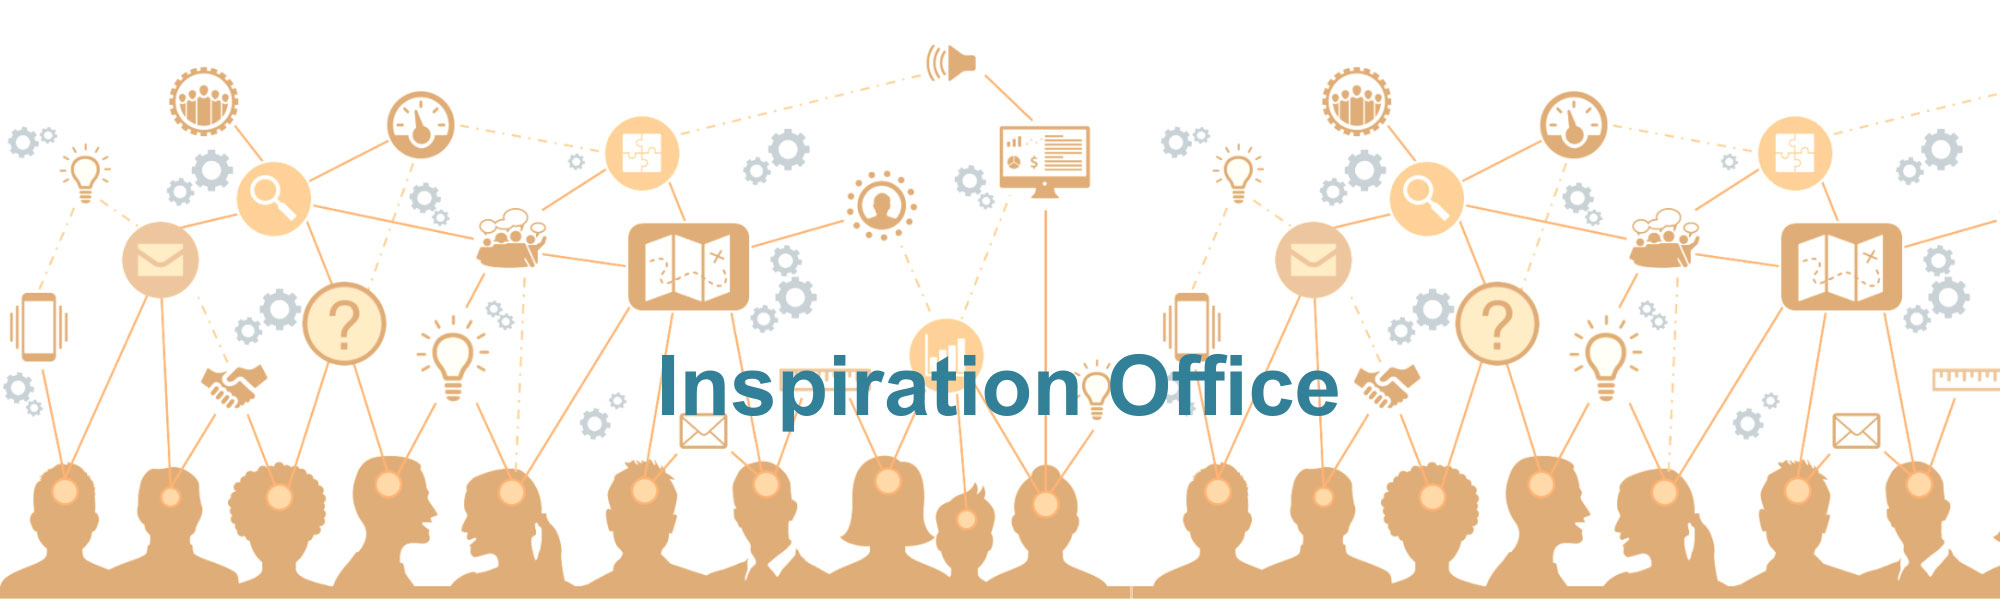 inspiration office. Inspiration-office Image Inspiration Office D